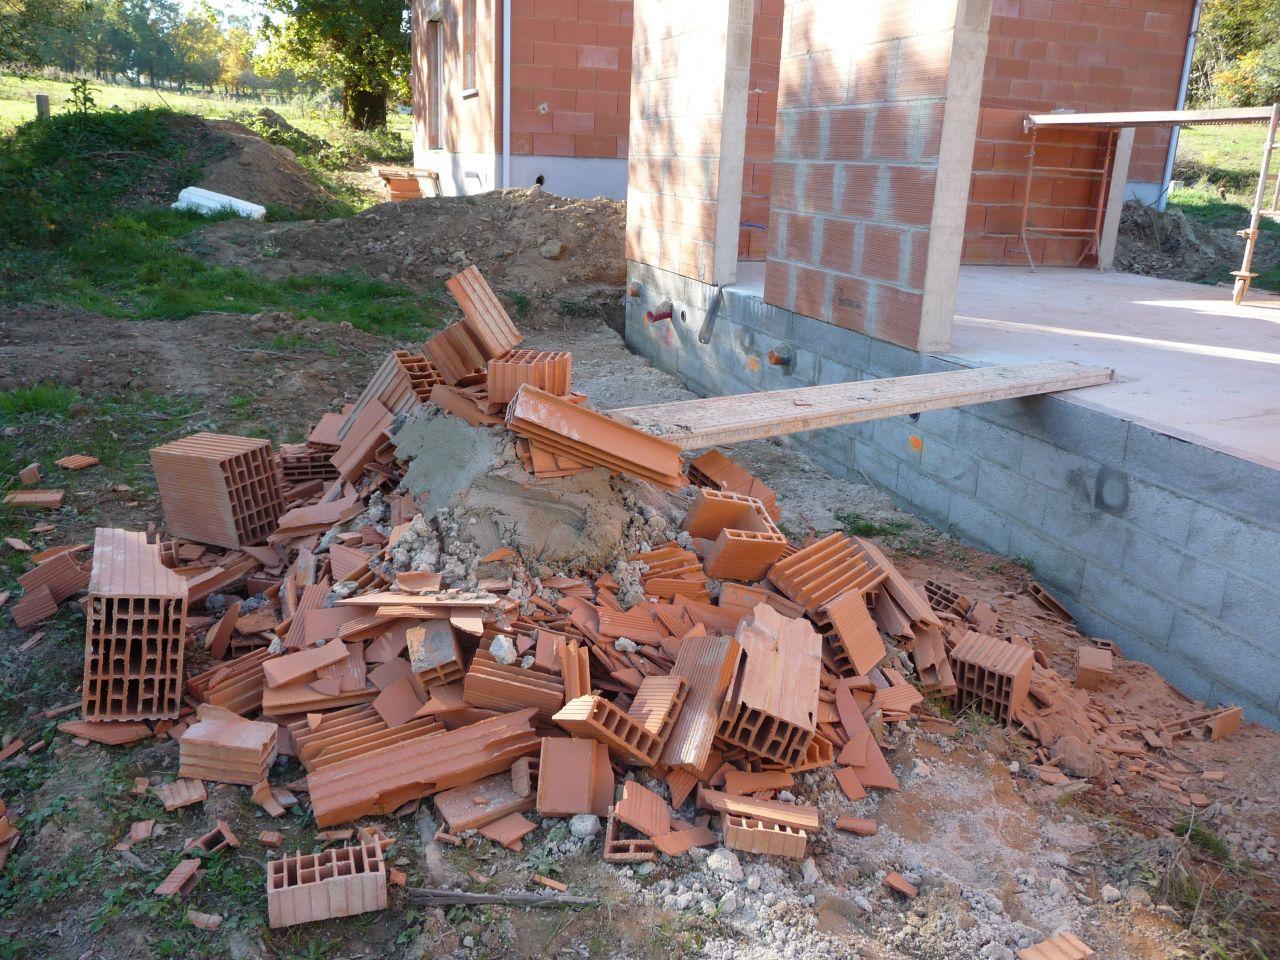 Tas de mortier et débris de briques qui seront à évacuer car pas du tout prévus à cet endroit